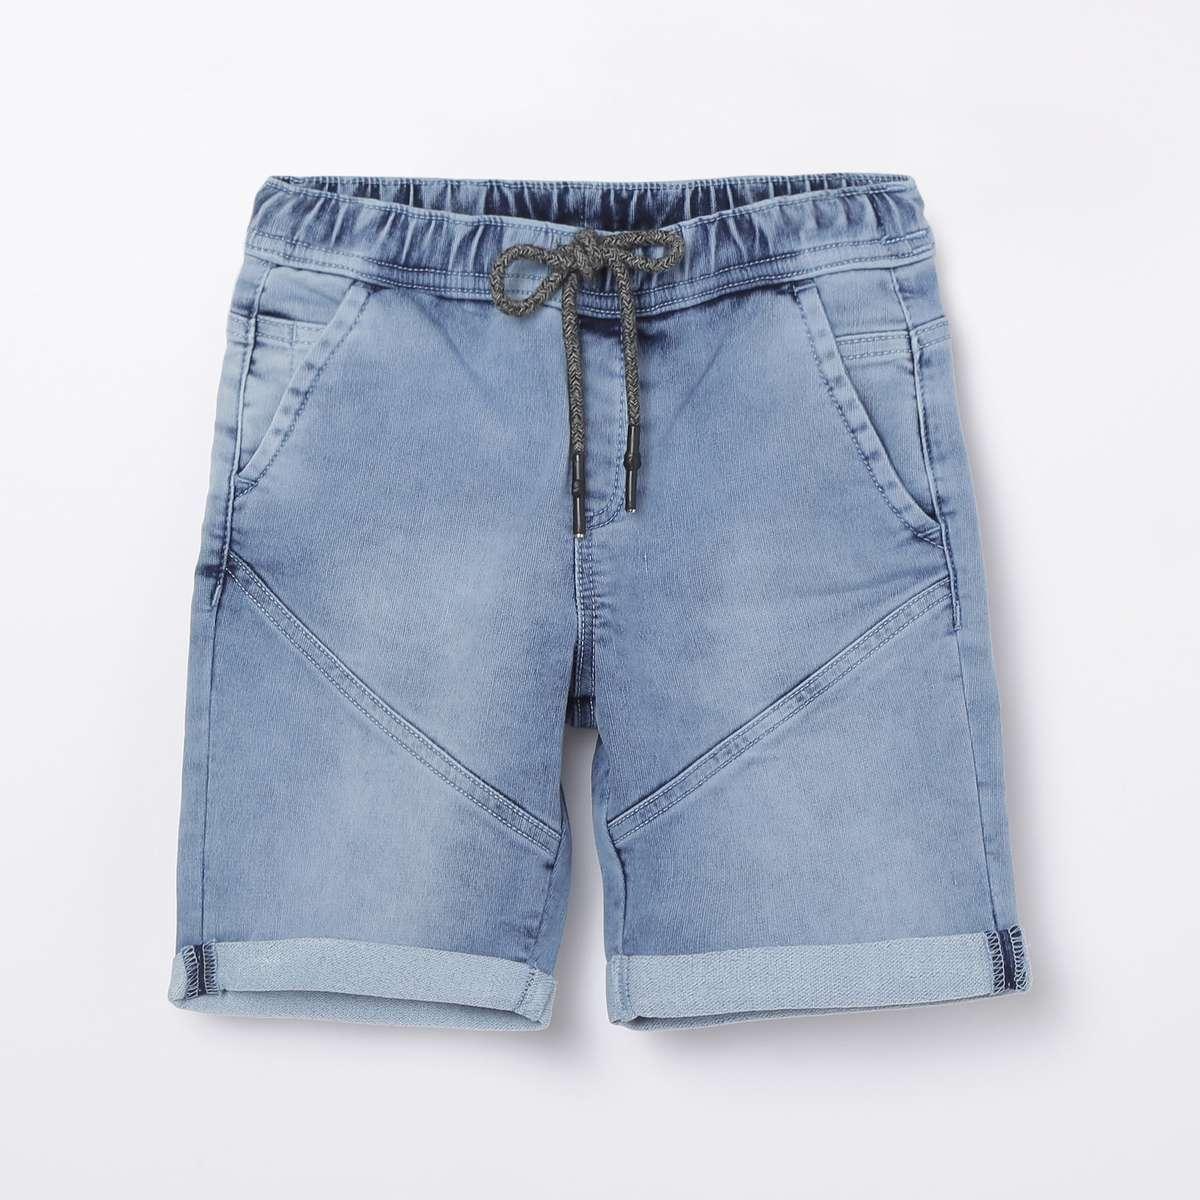 DENIMIZE Boys Washed Denim Shorts